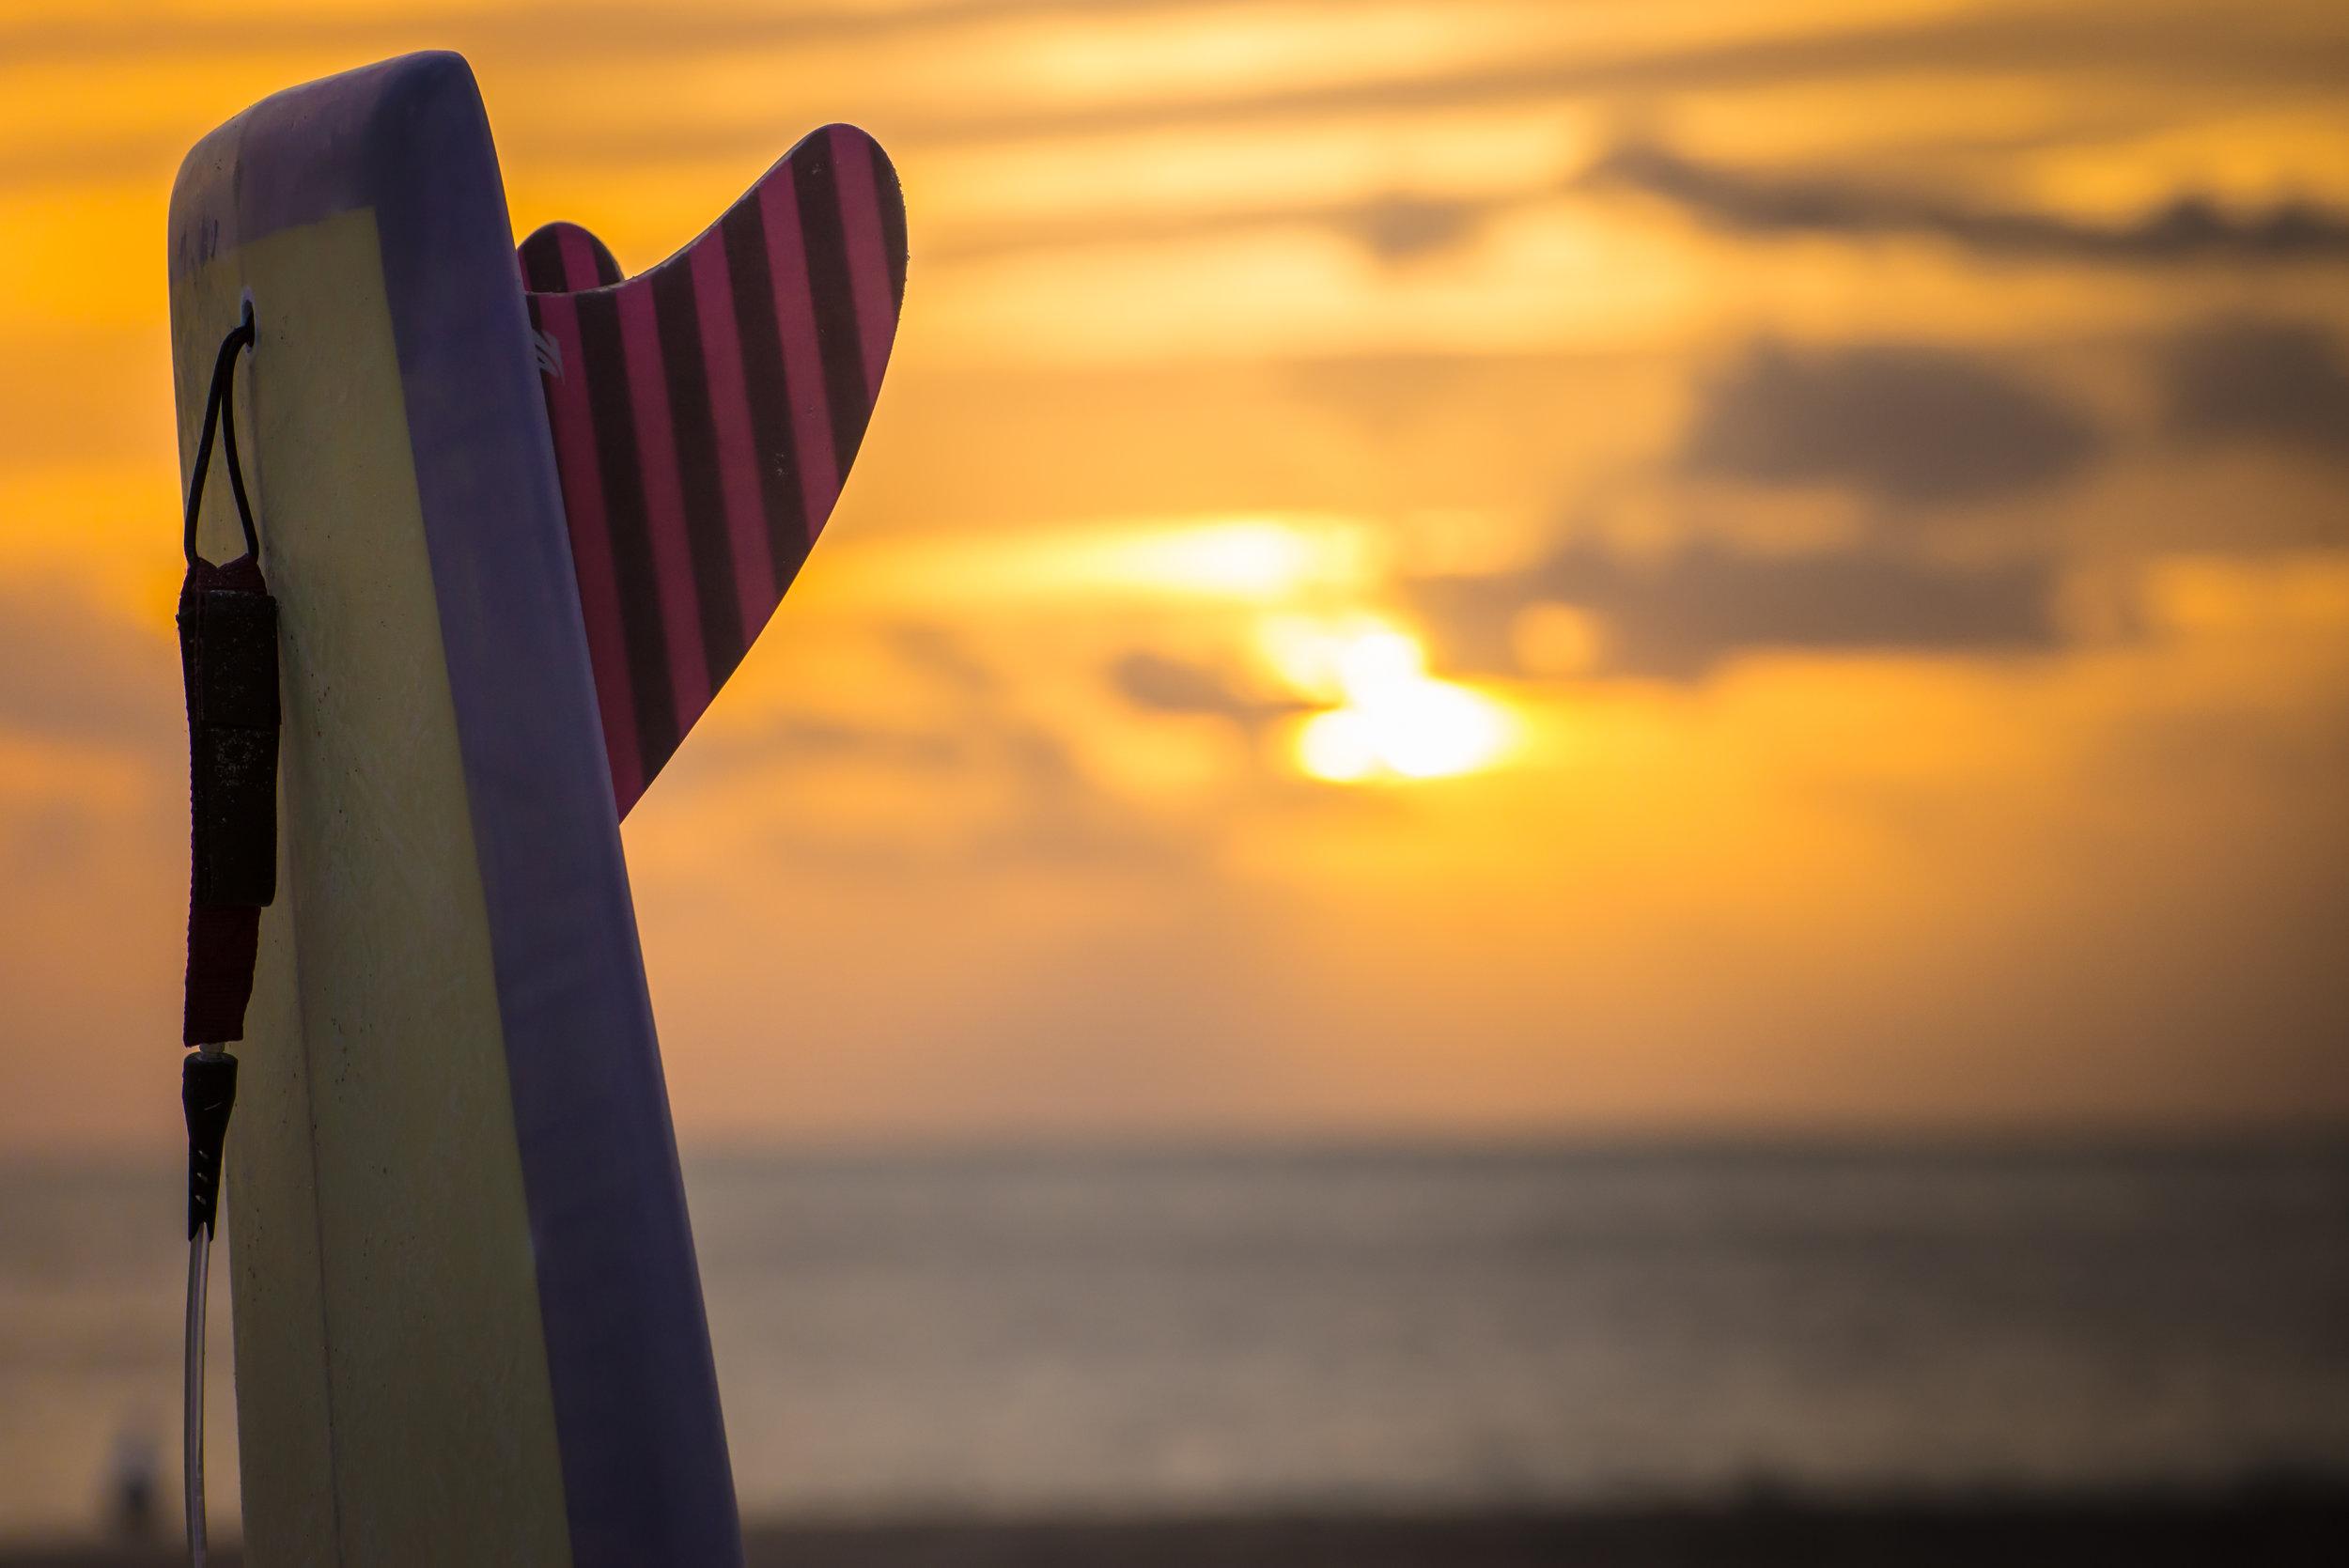 Locus-Monkeywing-Tail-Sunset.jpg